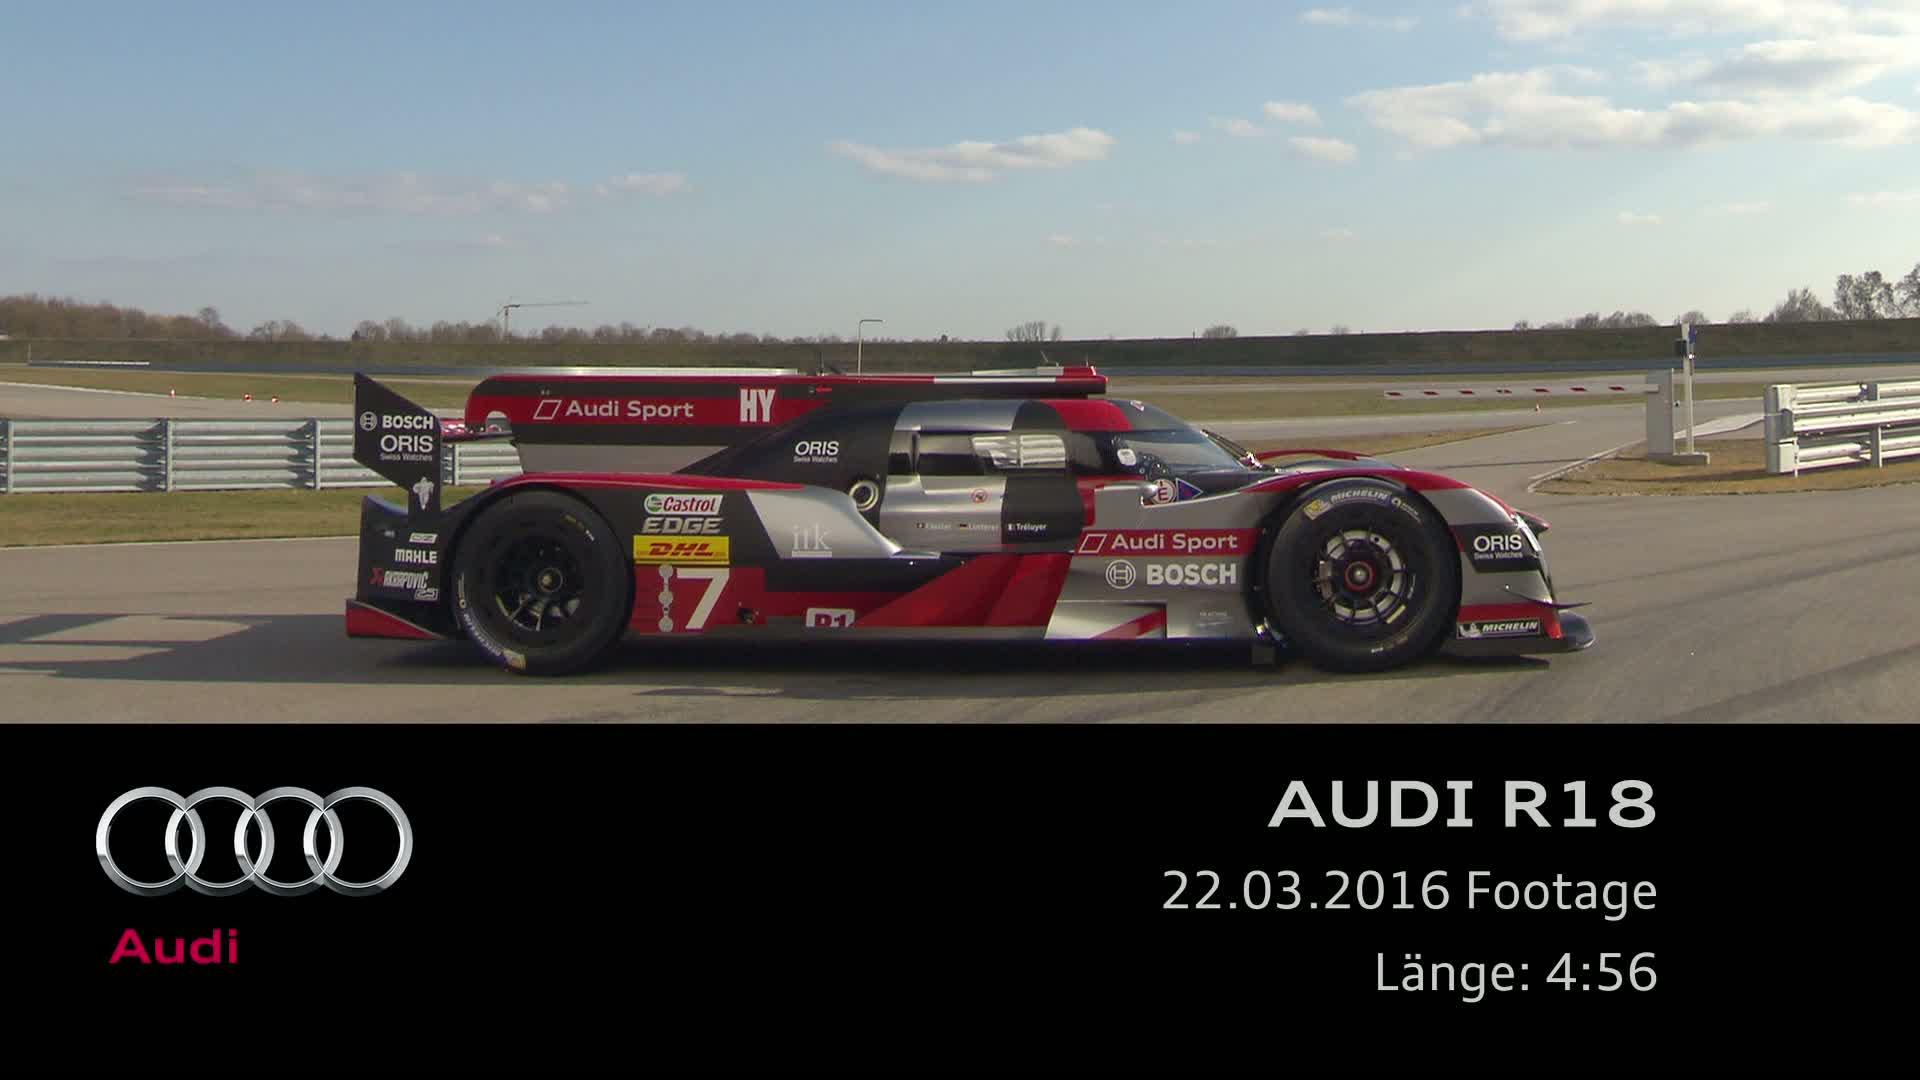 Der neue Audi R18 - Footage